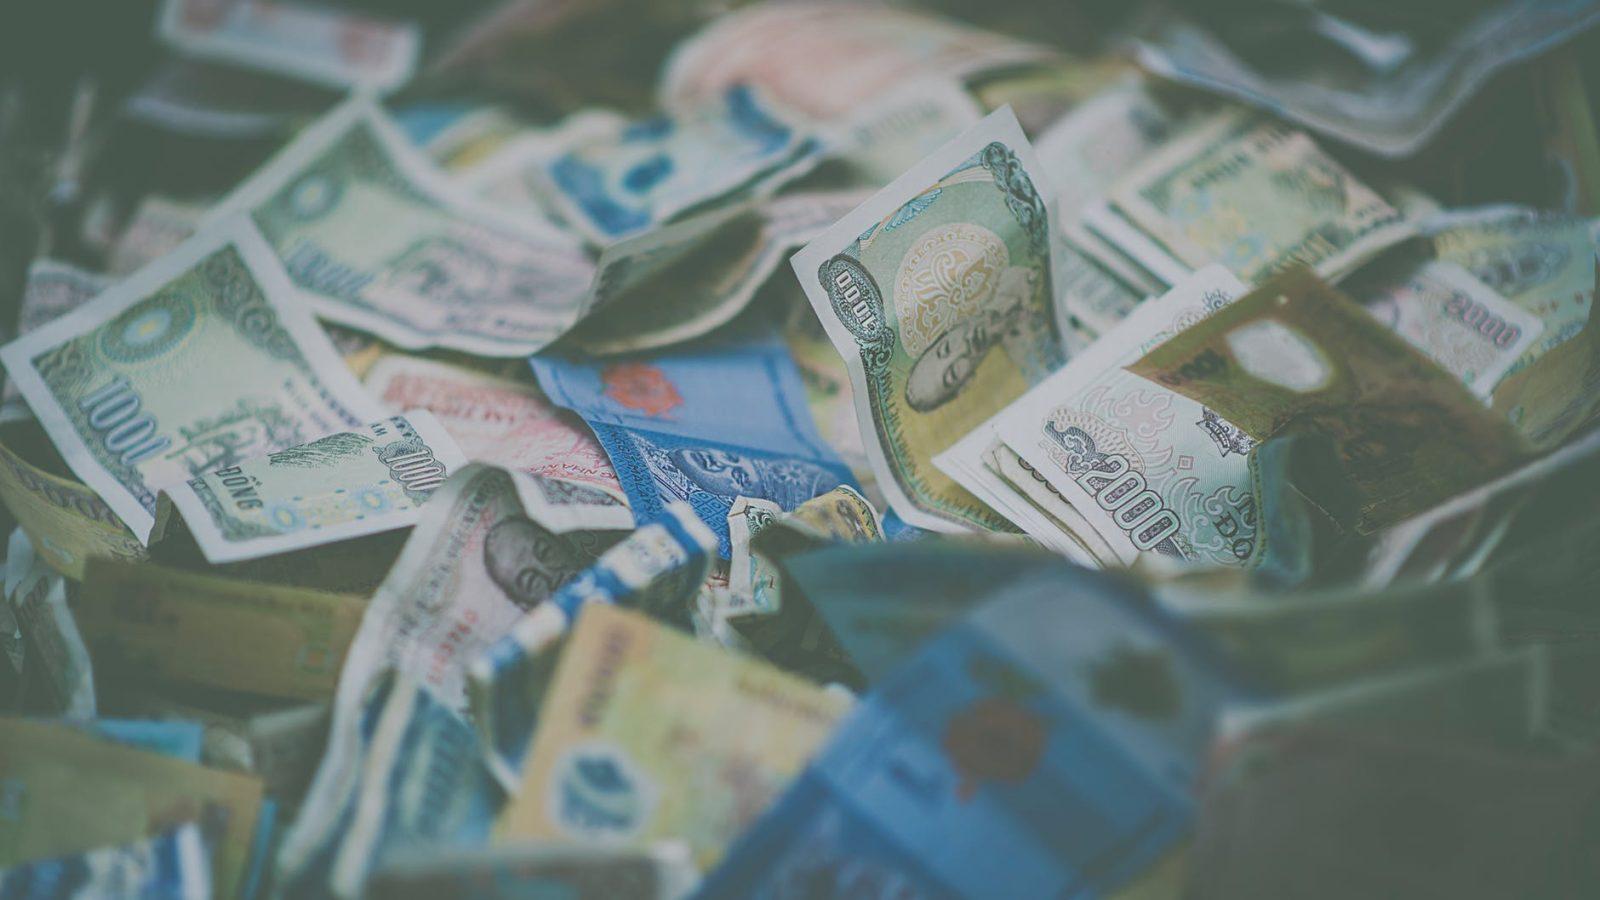 ריבוי מקורות הכנסה – כל הדרכים לצמיחה כלכלית